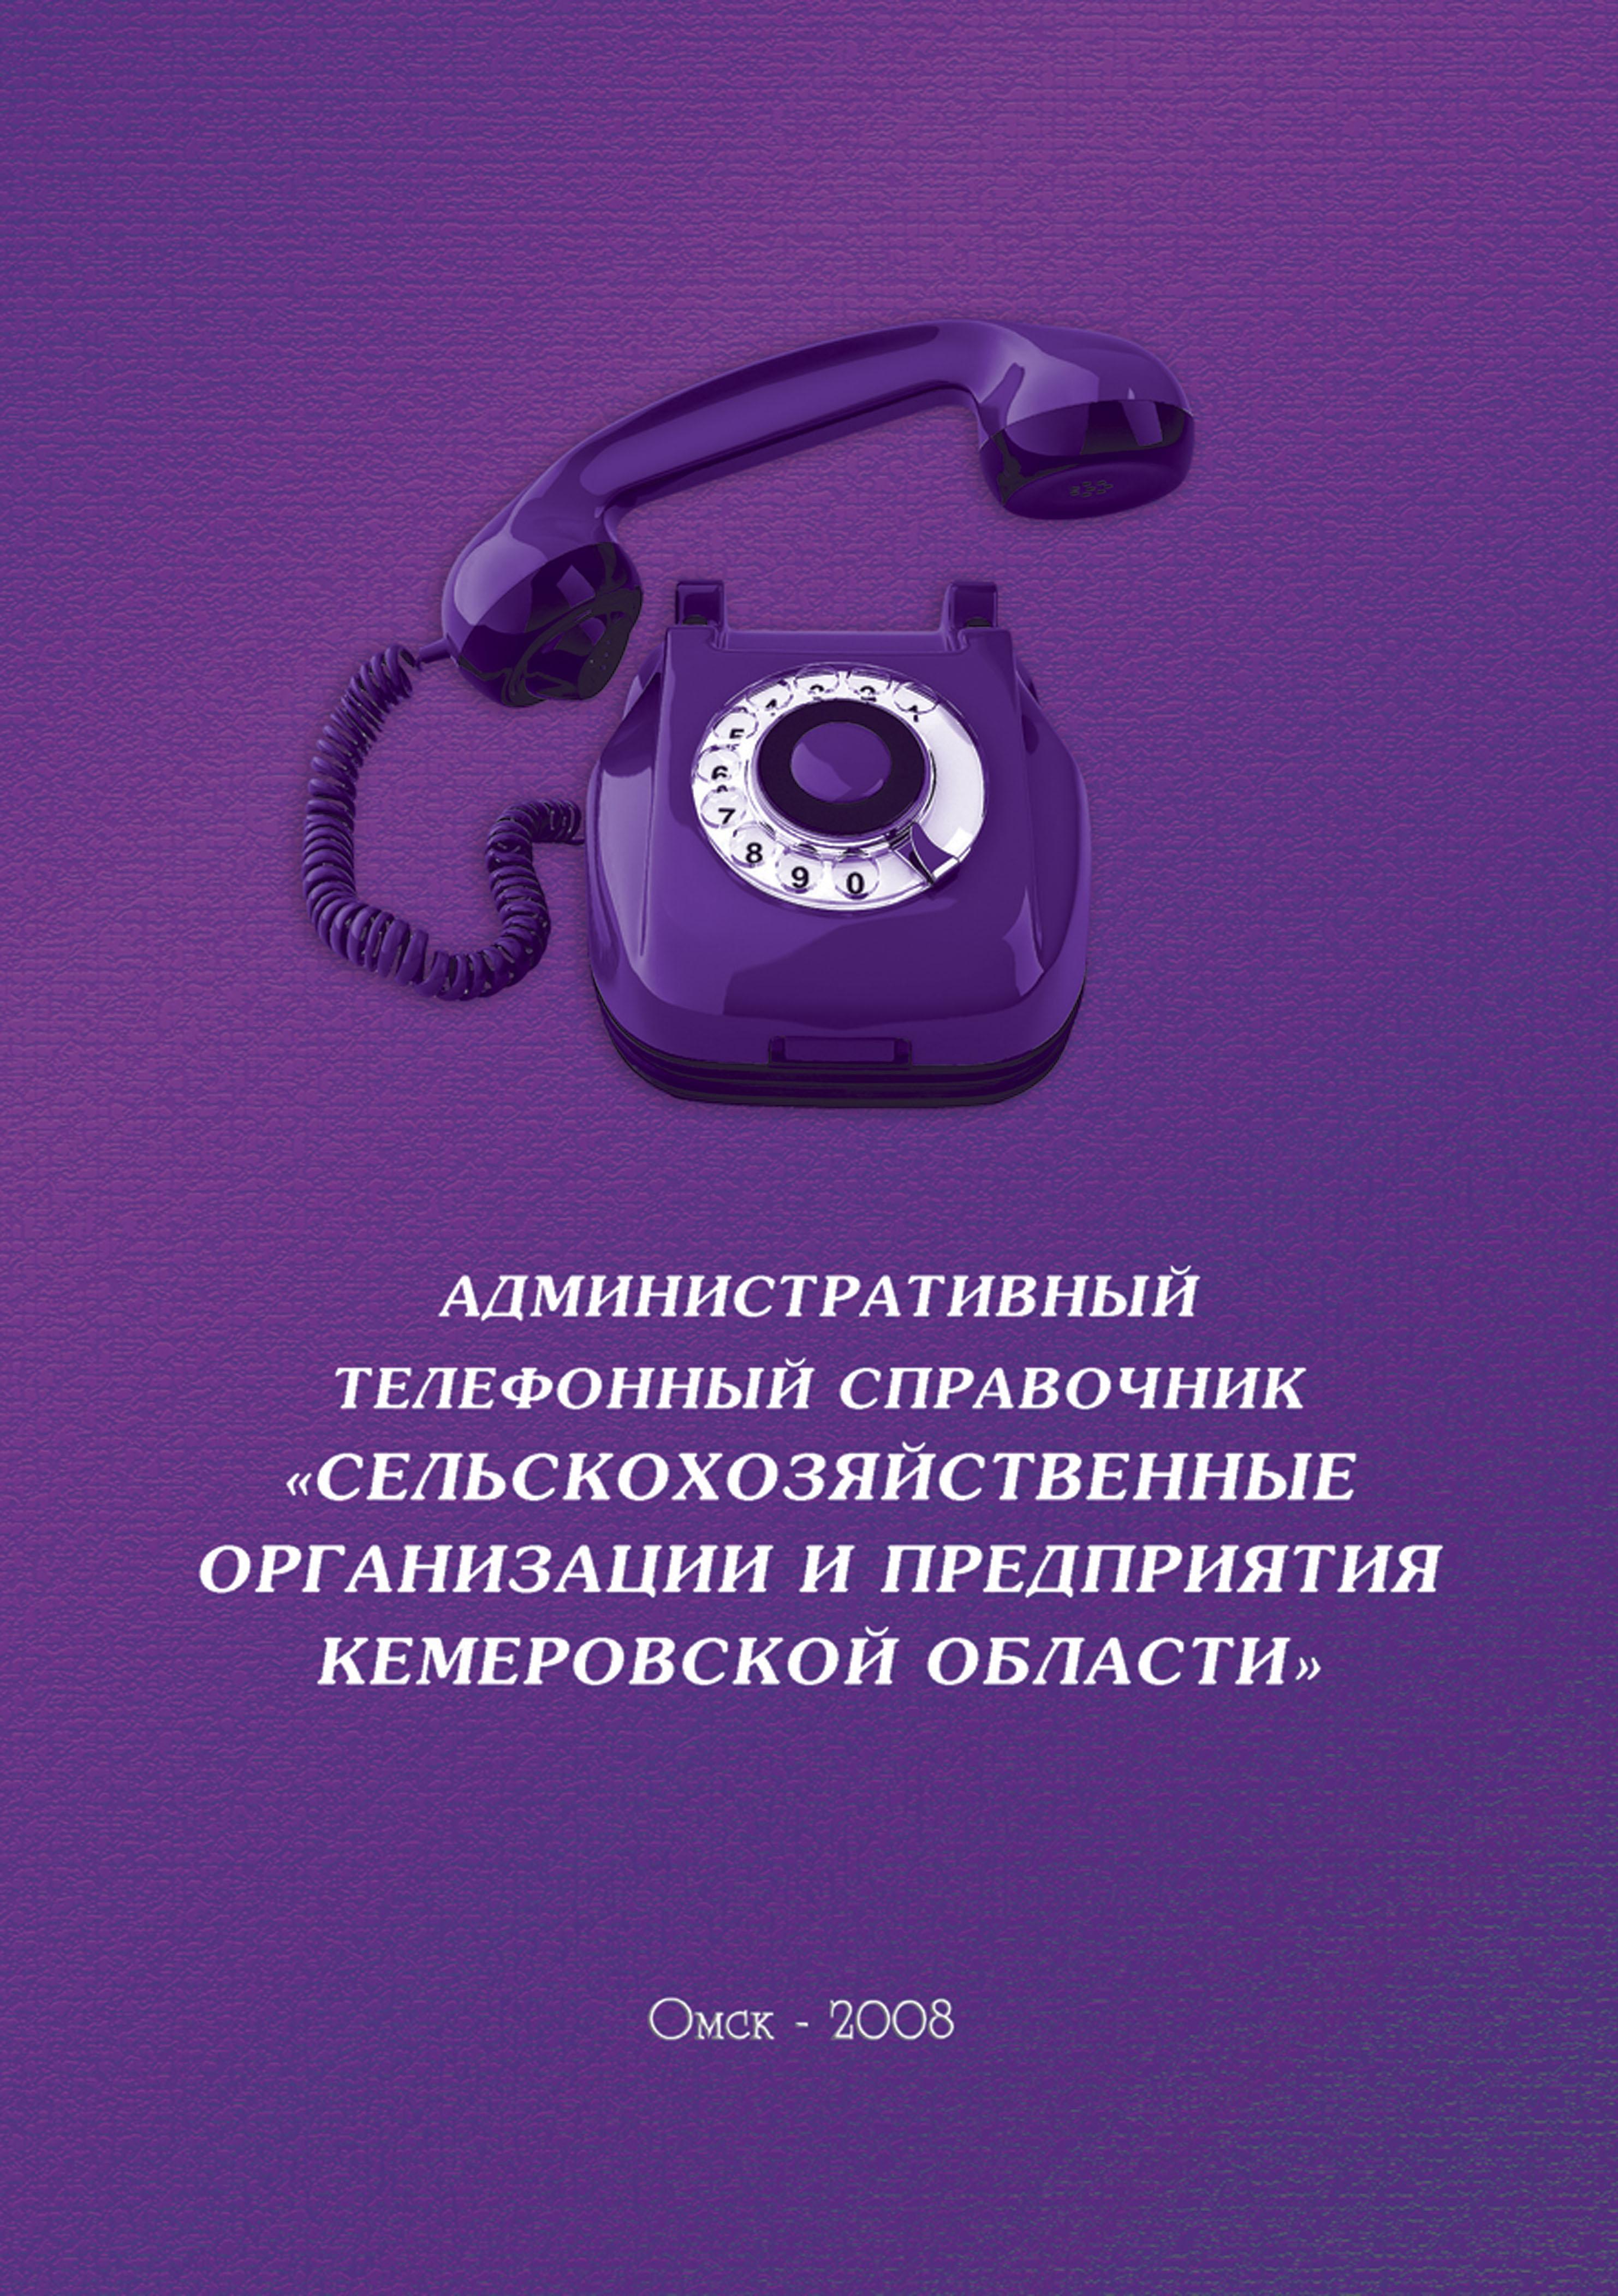 Справочник Кемерово